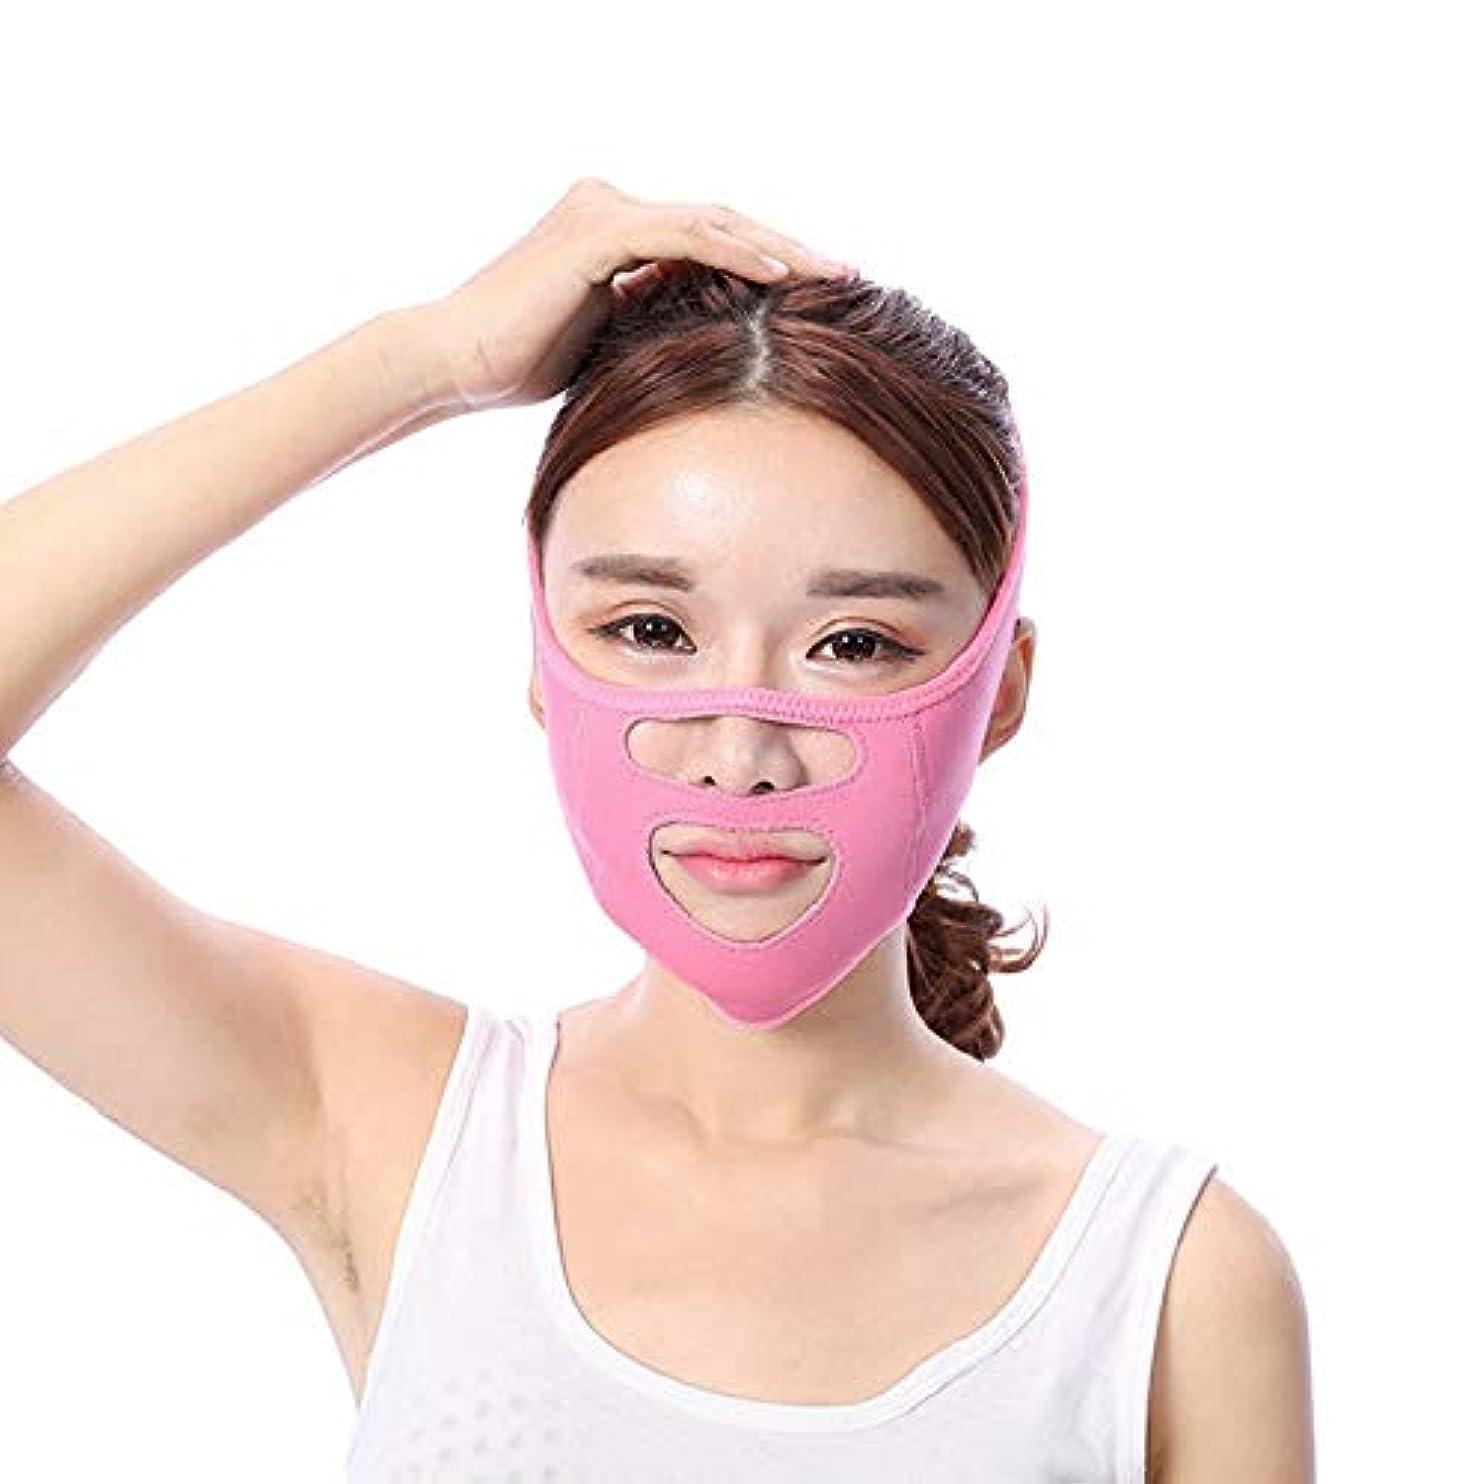 実用的急いで管理しますGYZ 顔の持ち上がる痩身ベルト - あなたの顔のための素晴らしいトレーニング二重あごのワークアウトフェイスマスクベルト薄い顔包帯整形マスクは顔と首を締めますフェイススリム Thin Face Belt